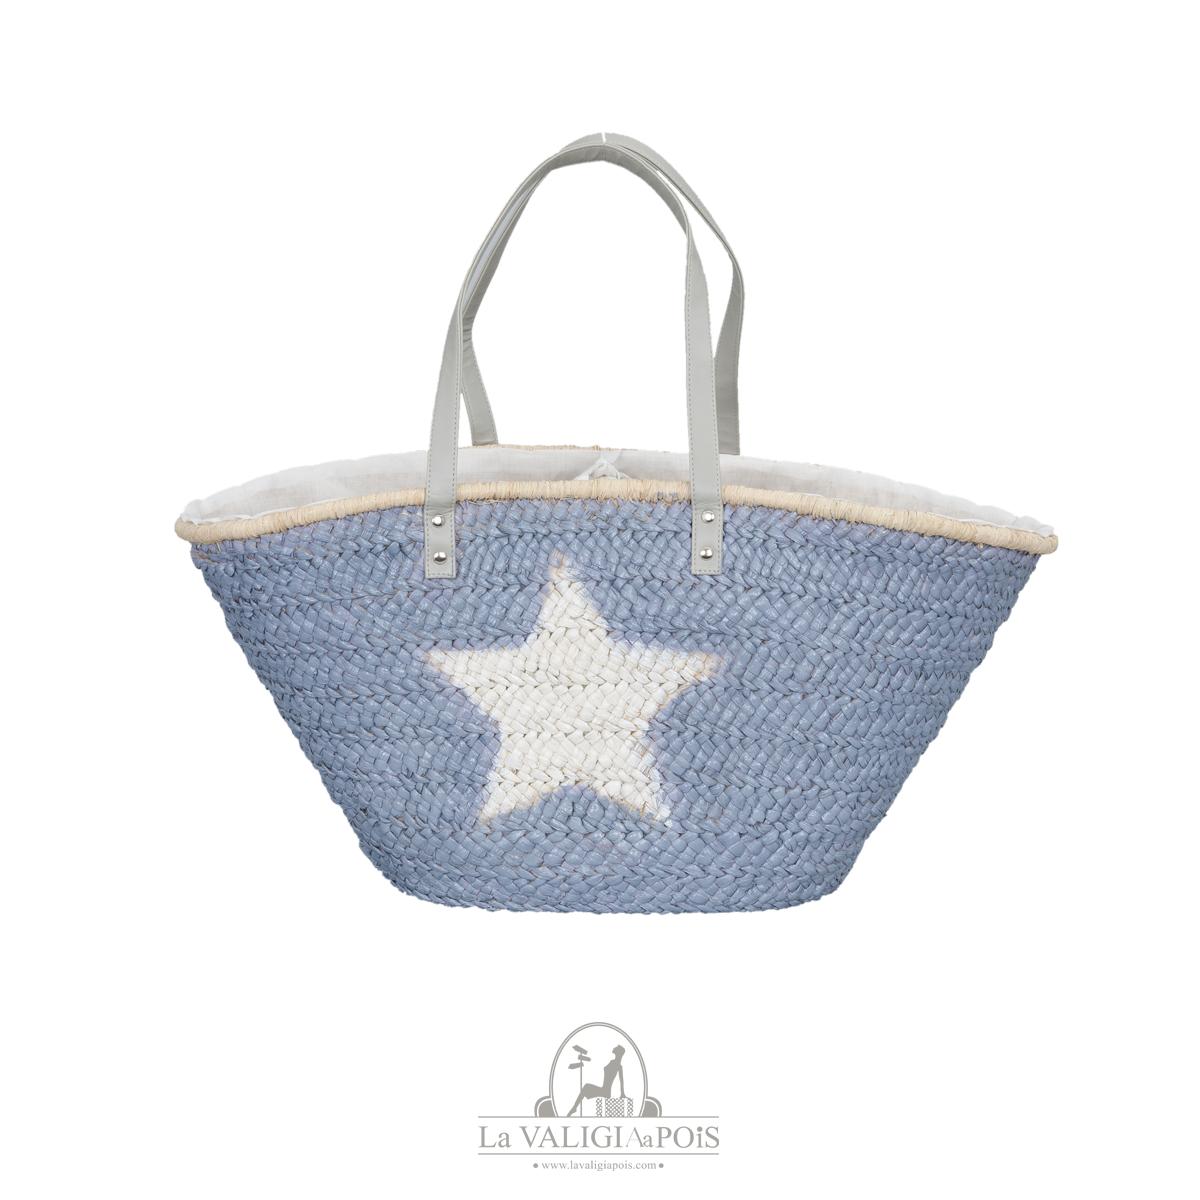 Bag White Star - Borsa in paglia naturale intrecciata con esterno in colore azzurro e stella bianca a contrasto dipinta, capiente, con fodera interna e manici in pelle.